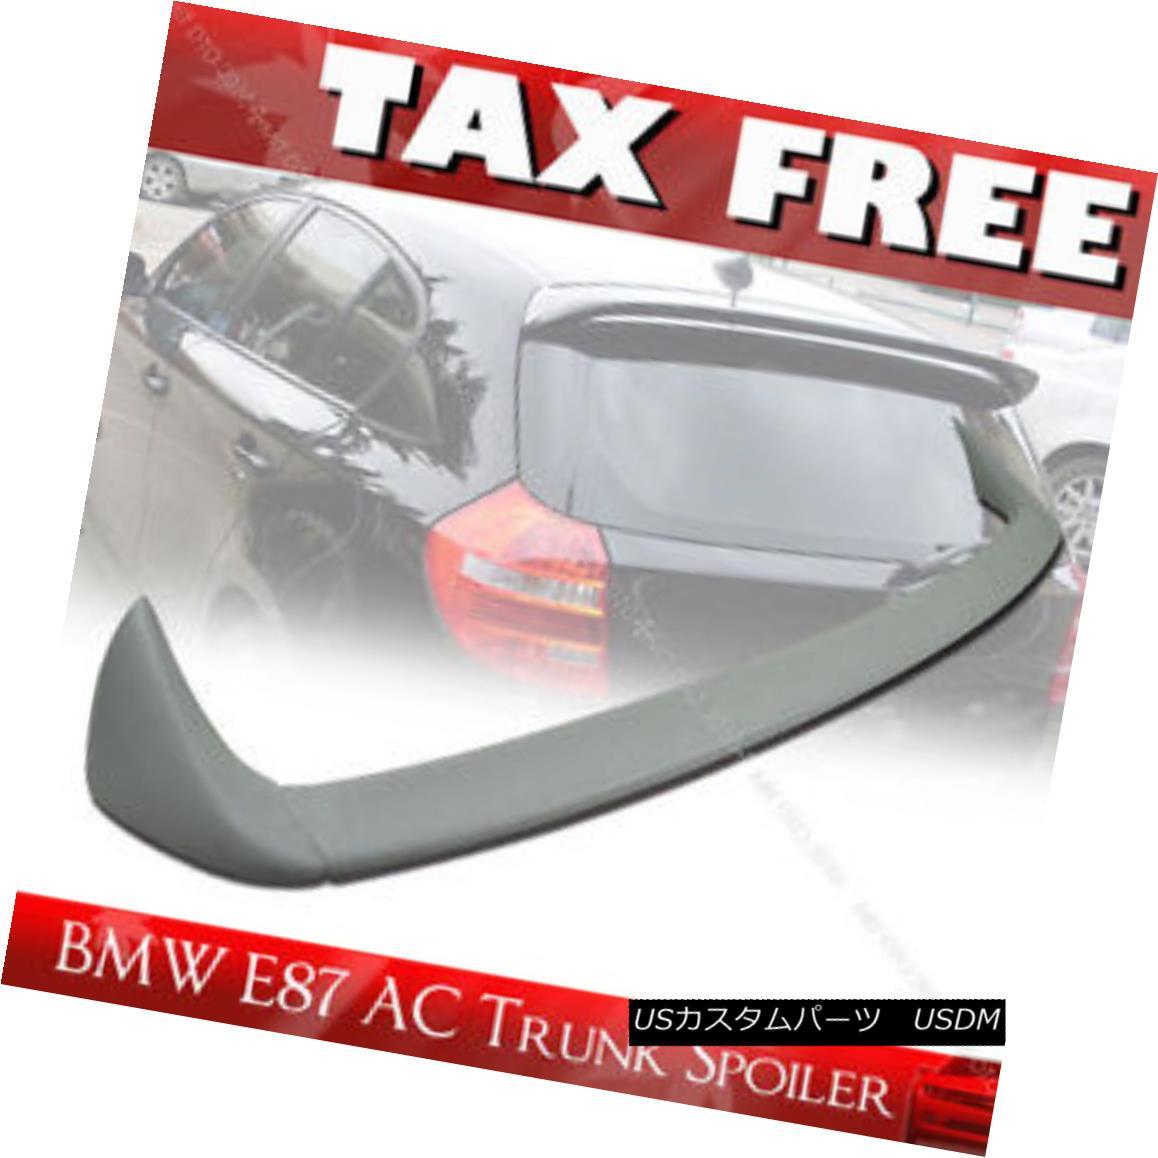 エアロパーツ Unpainted For BMW E87 E81 Rear Trunk Spoiler Wing 120i 130i 3DR 5DR Hatchback § 未塗装のBMW E87 E81リアトランク・スポイラーウィング120i 130i 3DR 5DRハッチバック